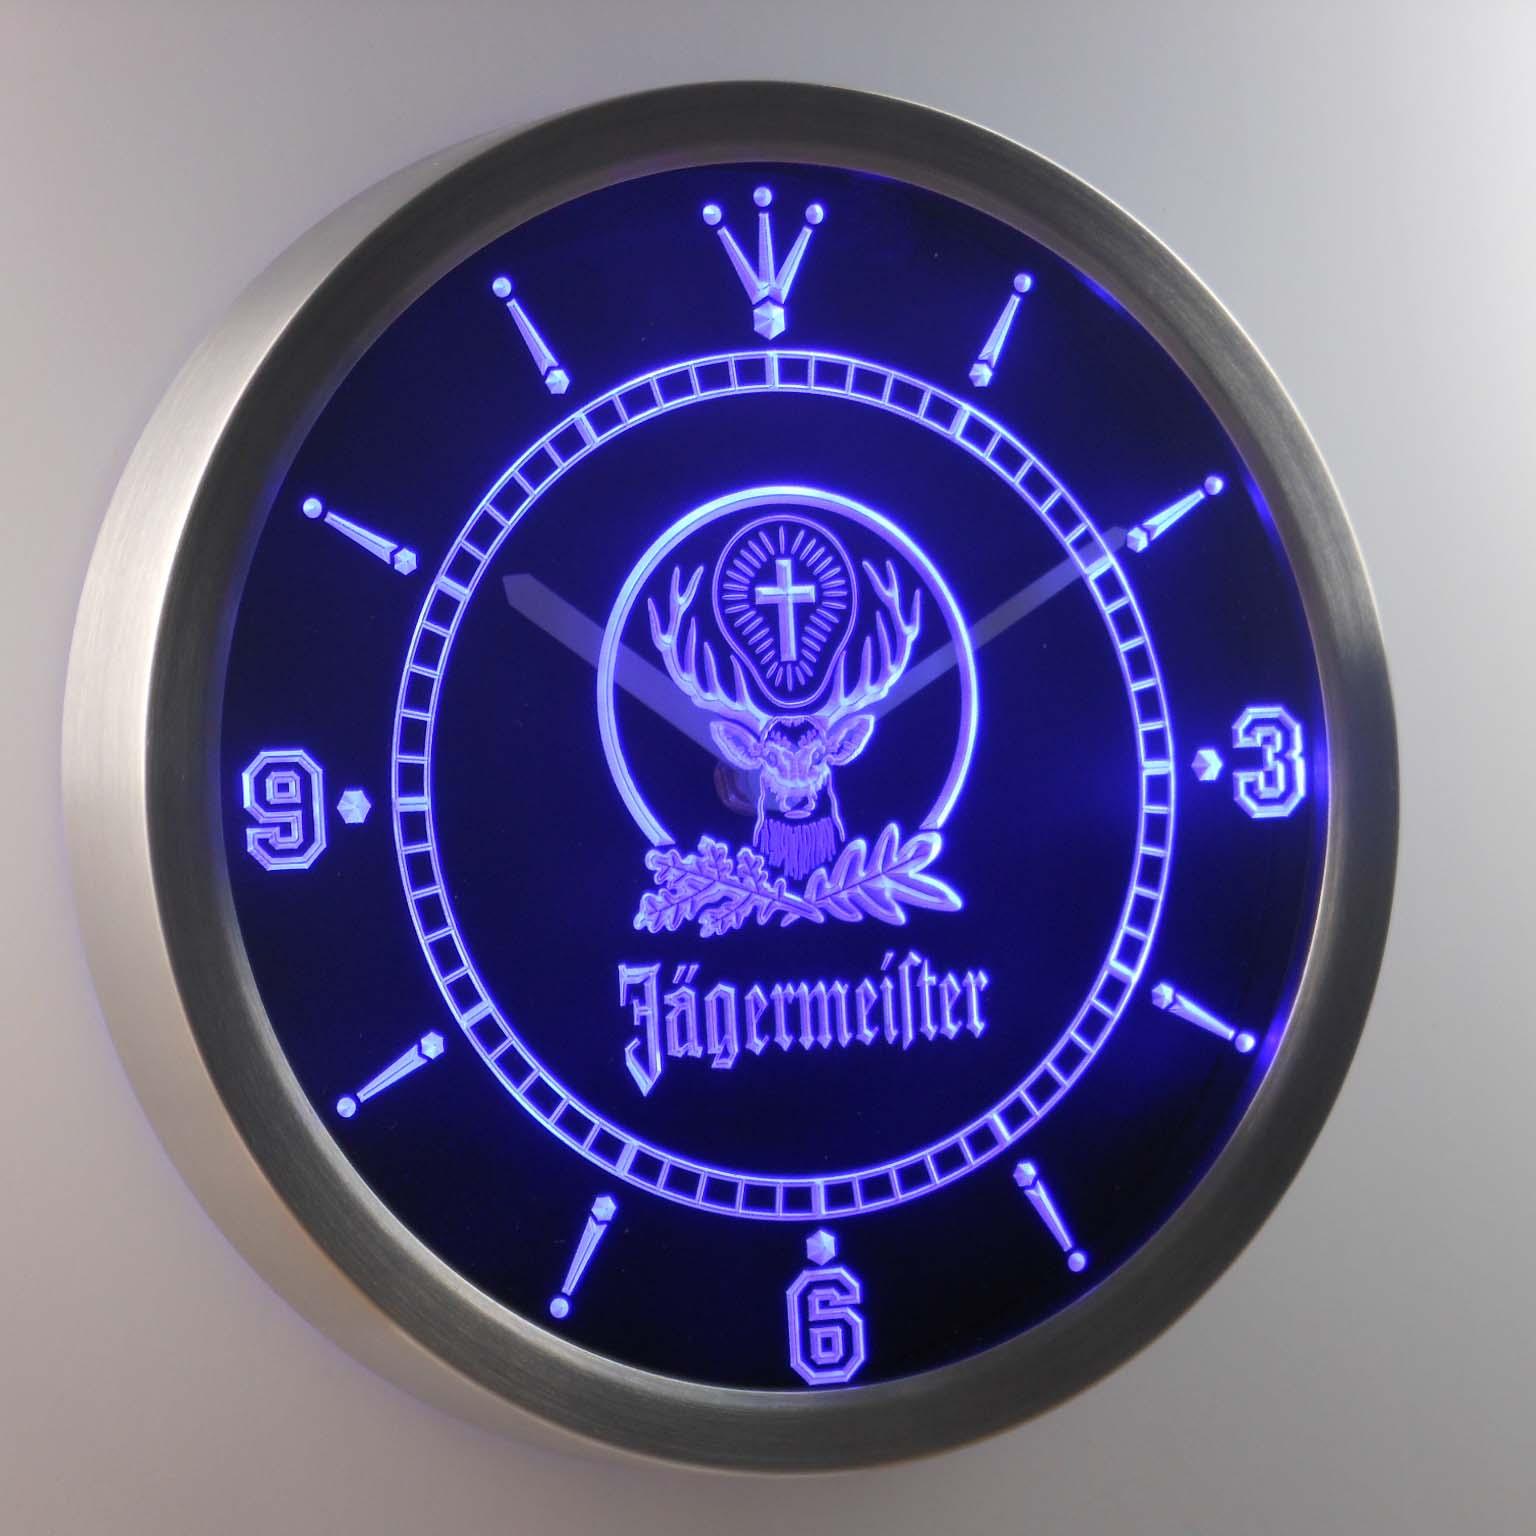 Jägermeister Neon verlichting LED Wandklok 2